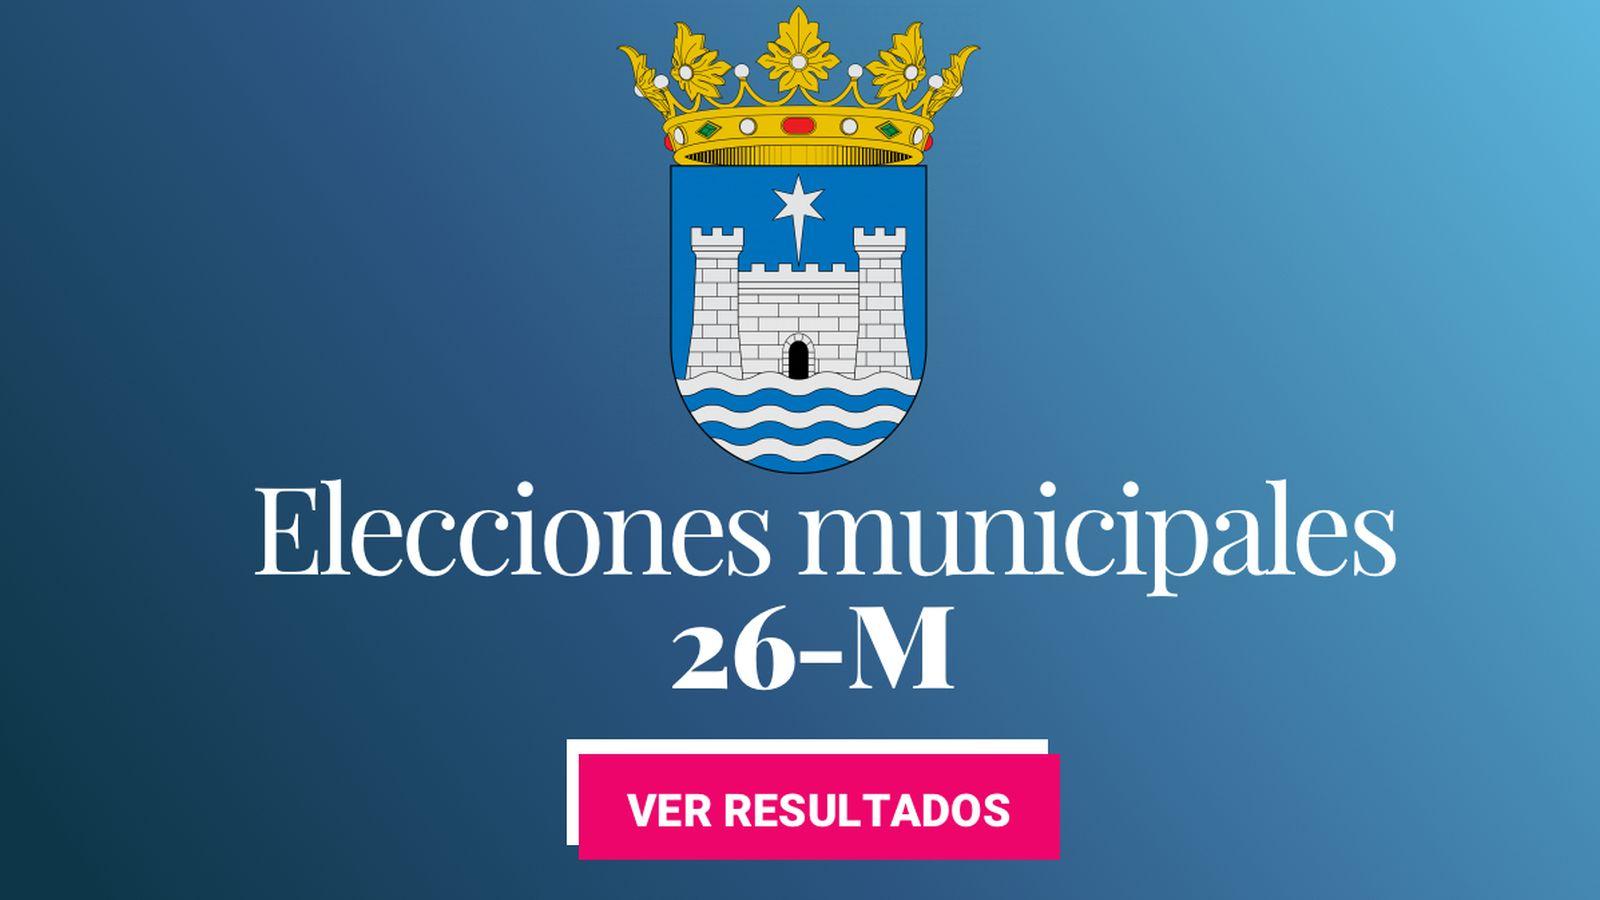 Foto: Elecciones municipales 2019 en Gandia. (C.C./EC)